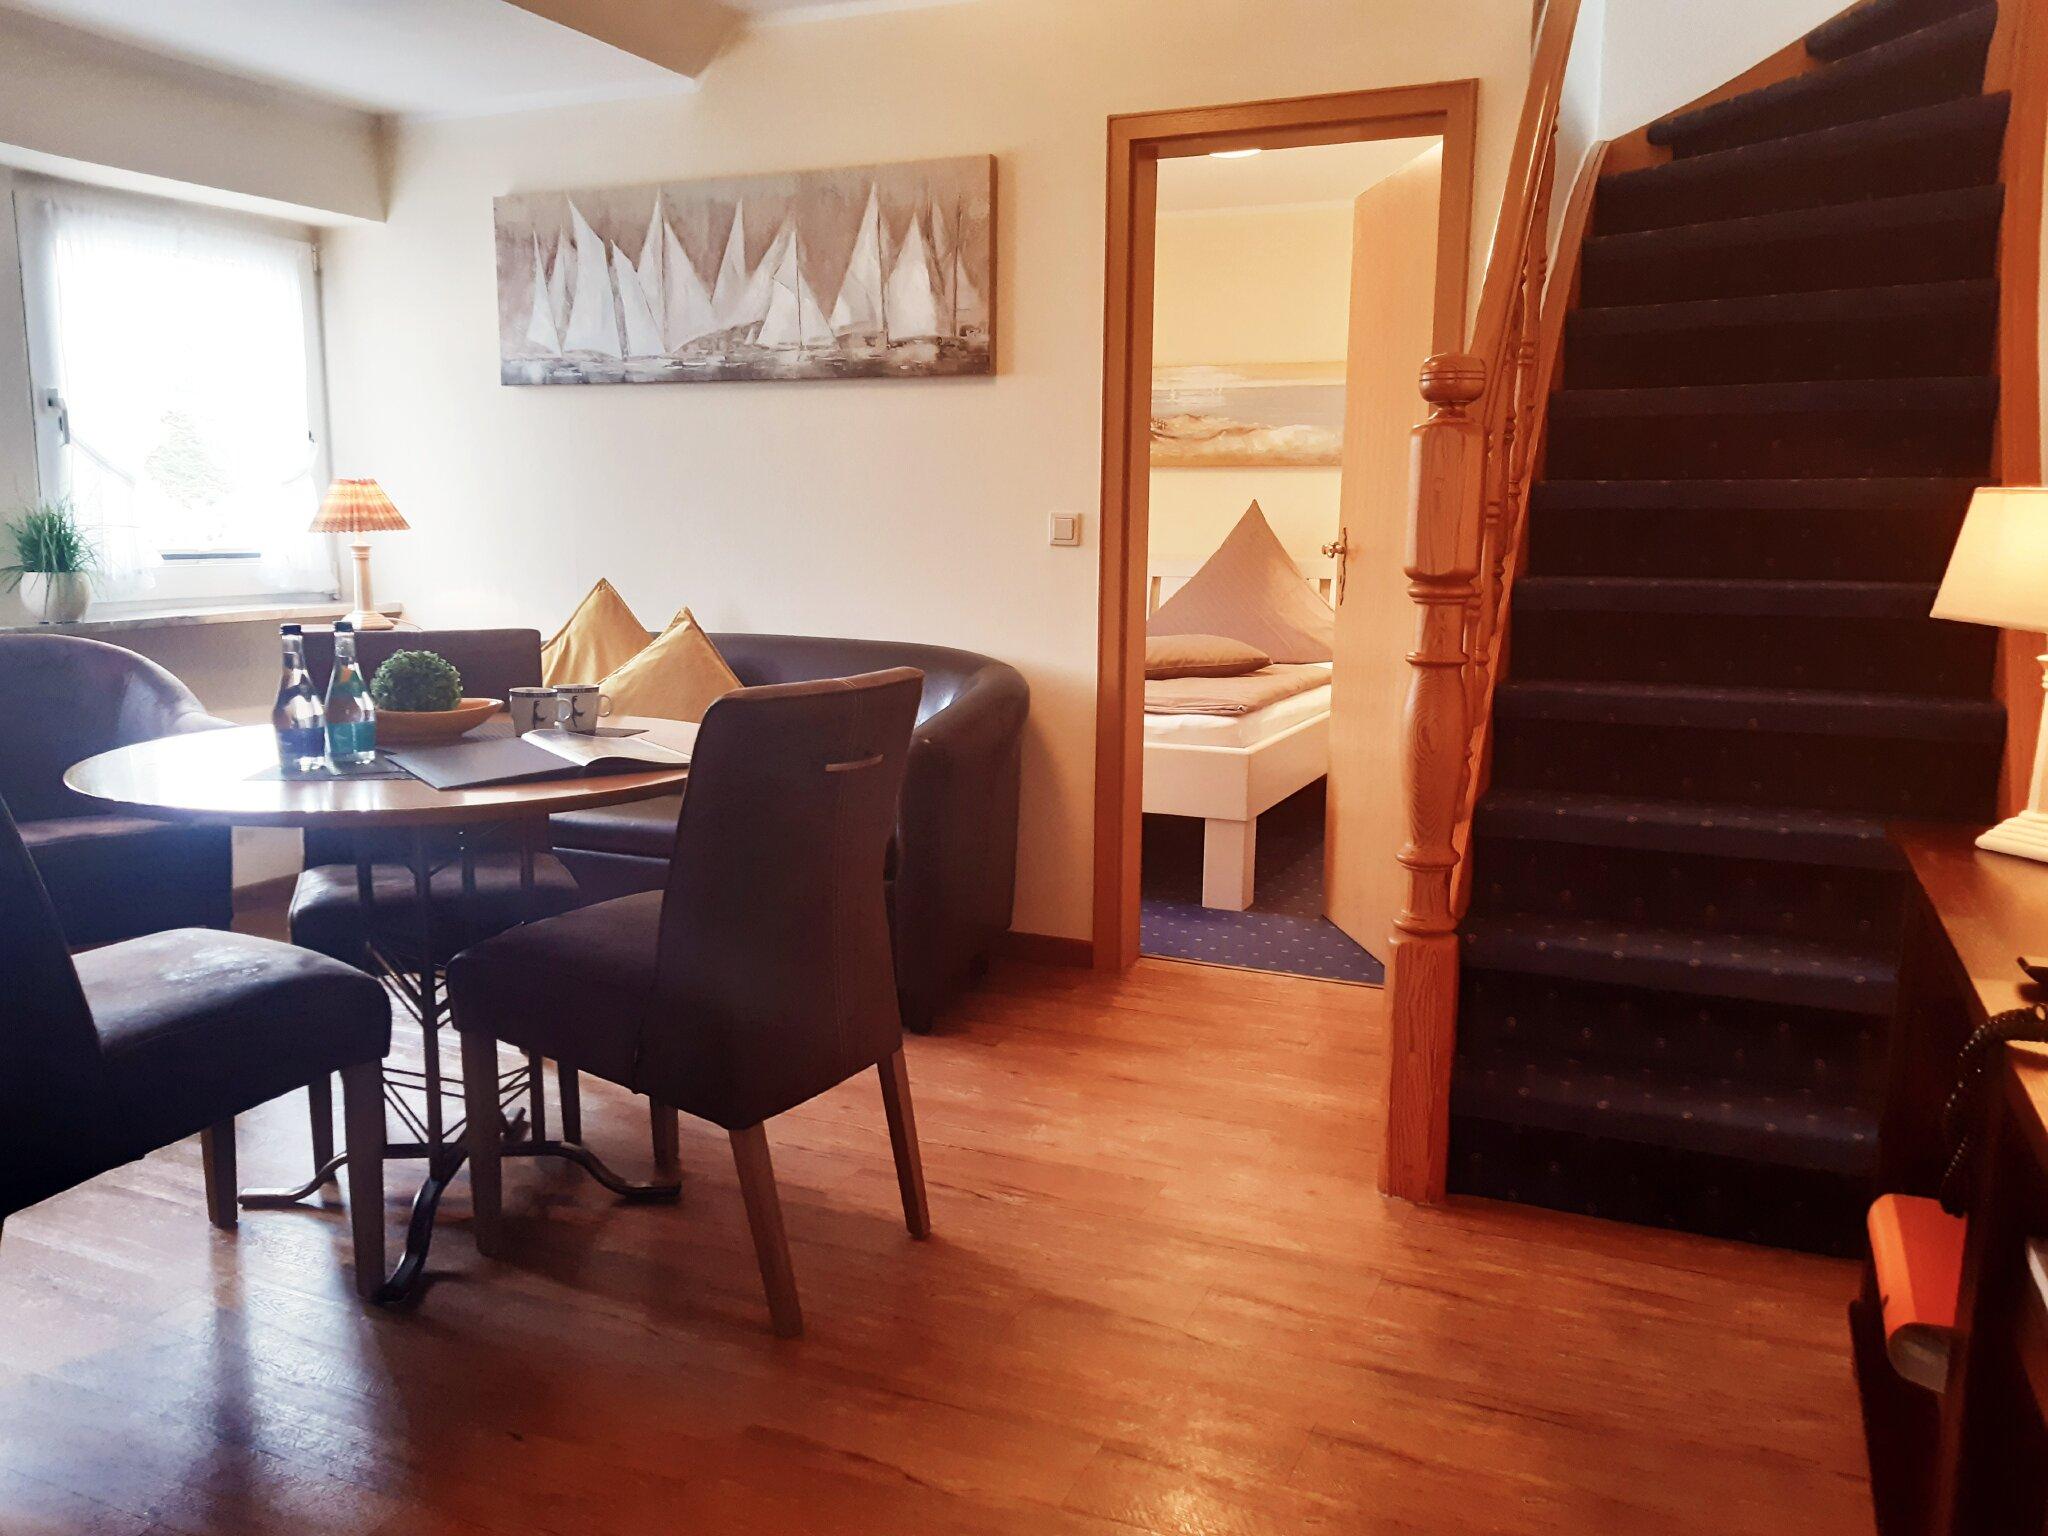 Wohnraum und Blick in ein Schlafzimmer